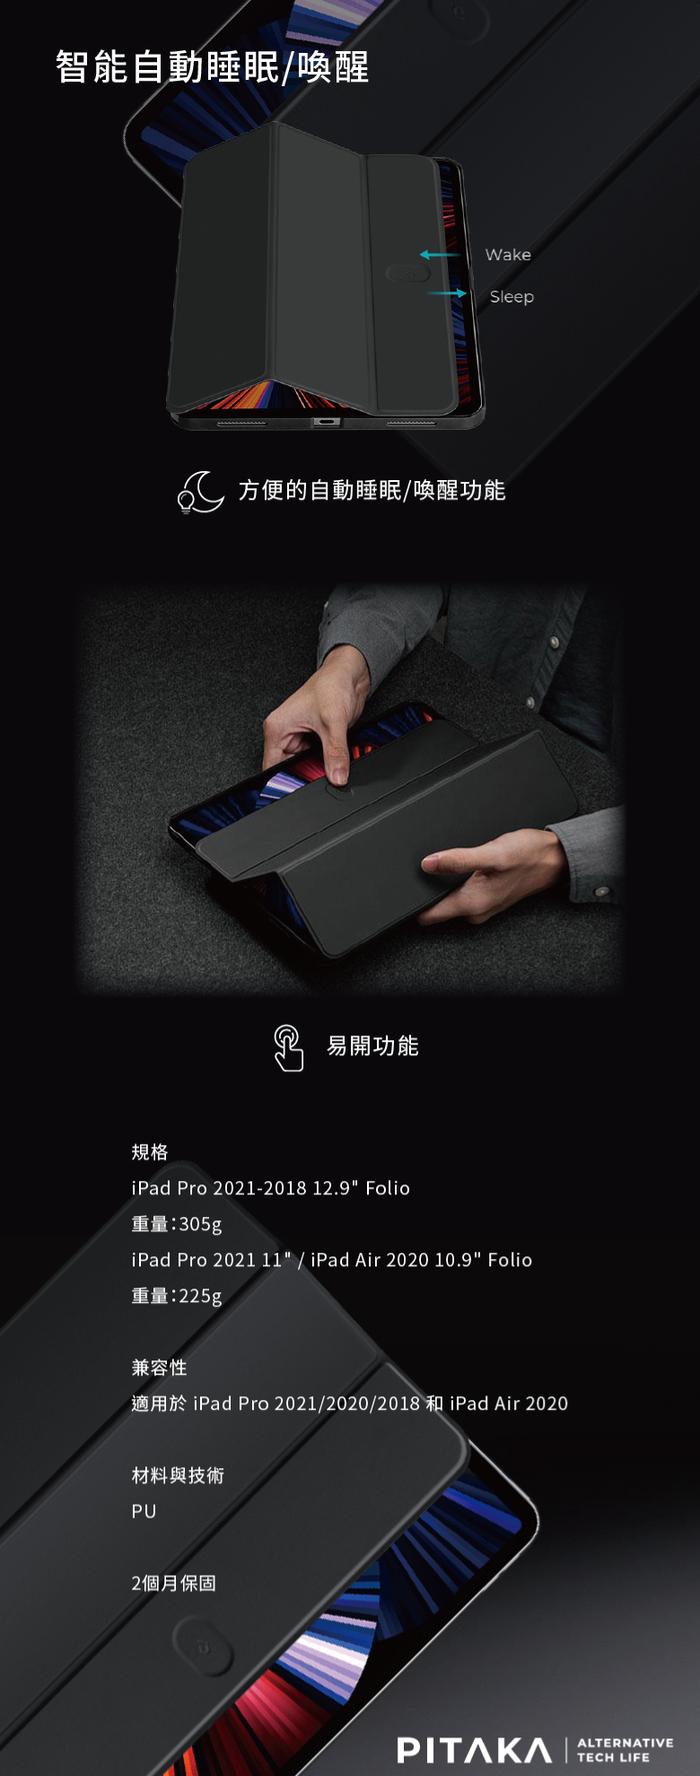 (複製)【預購】PITAKA MagEZ Case2 iPad 2021 芳輪纖維磁吸平板殼 - iPad Pro 12.9''